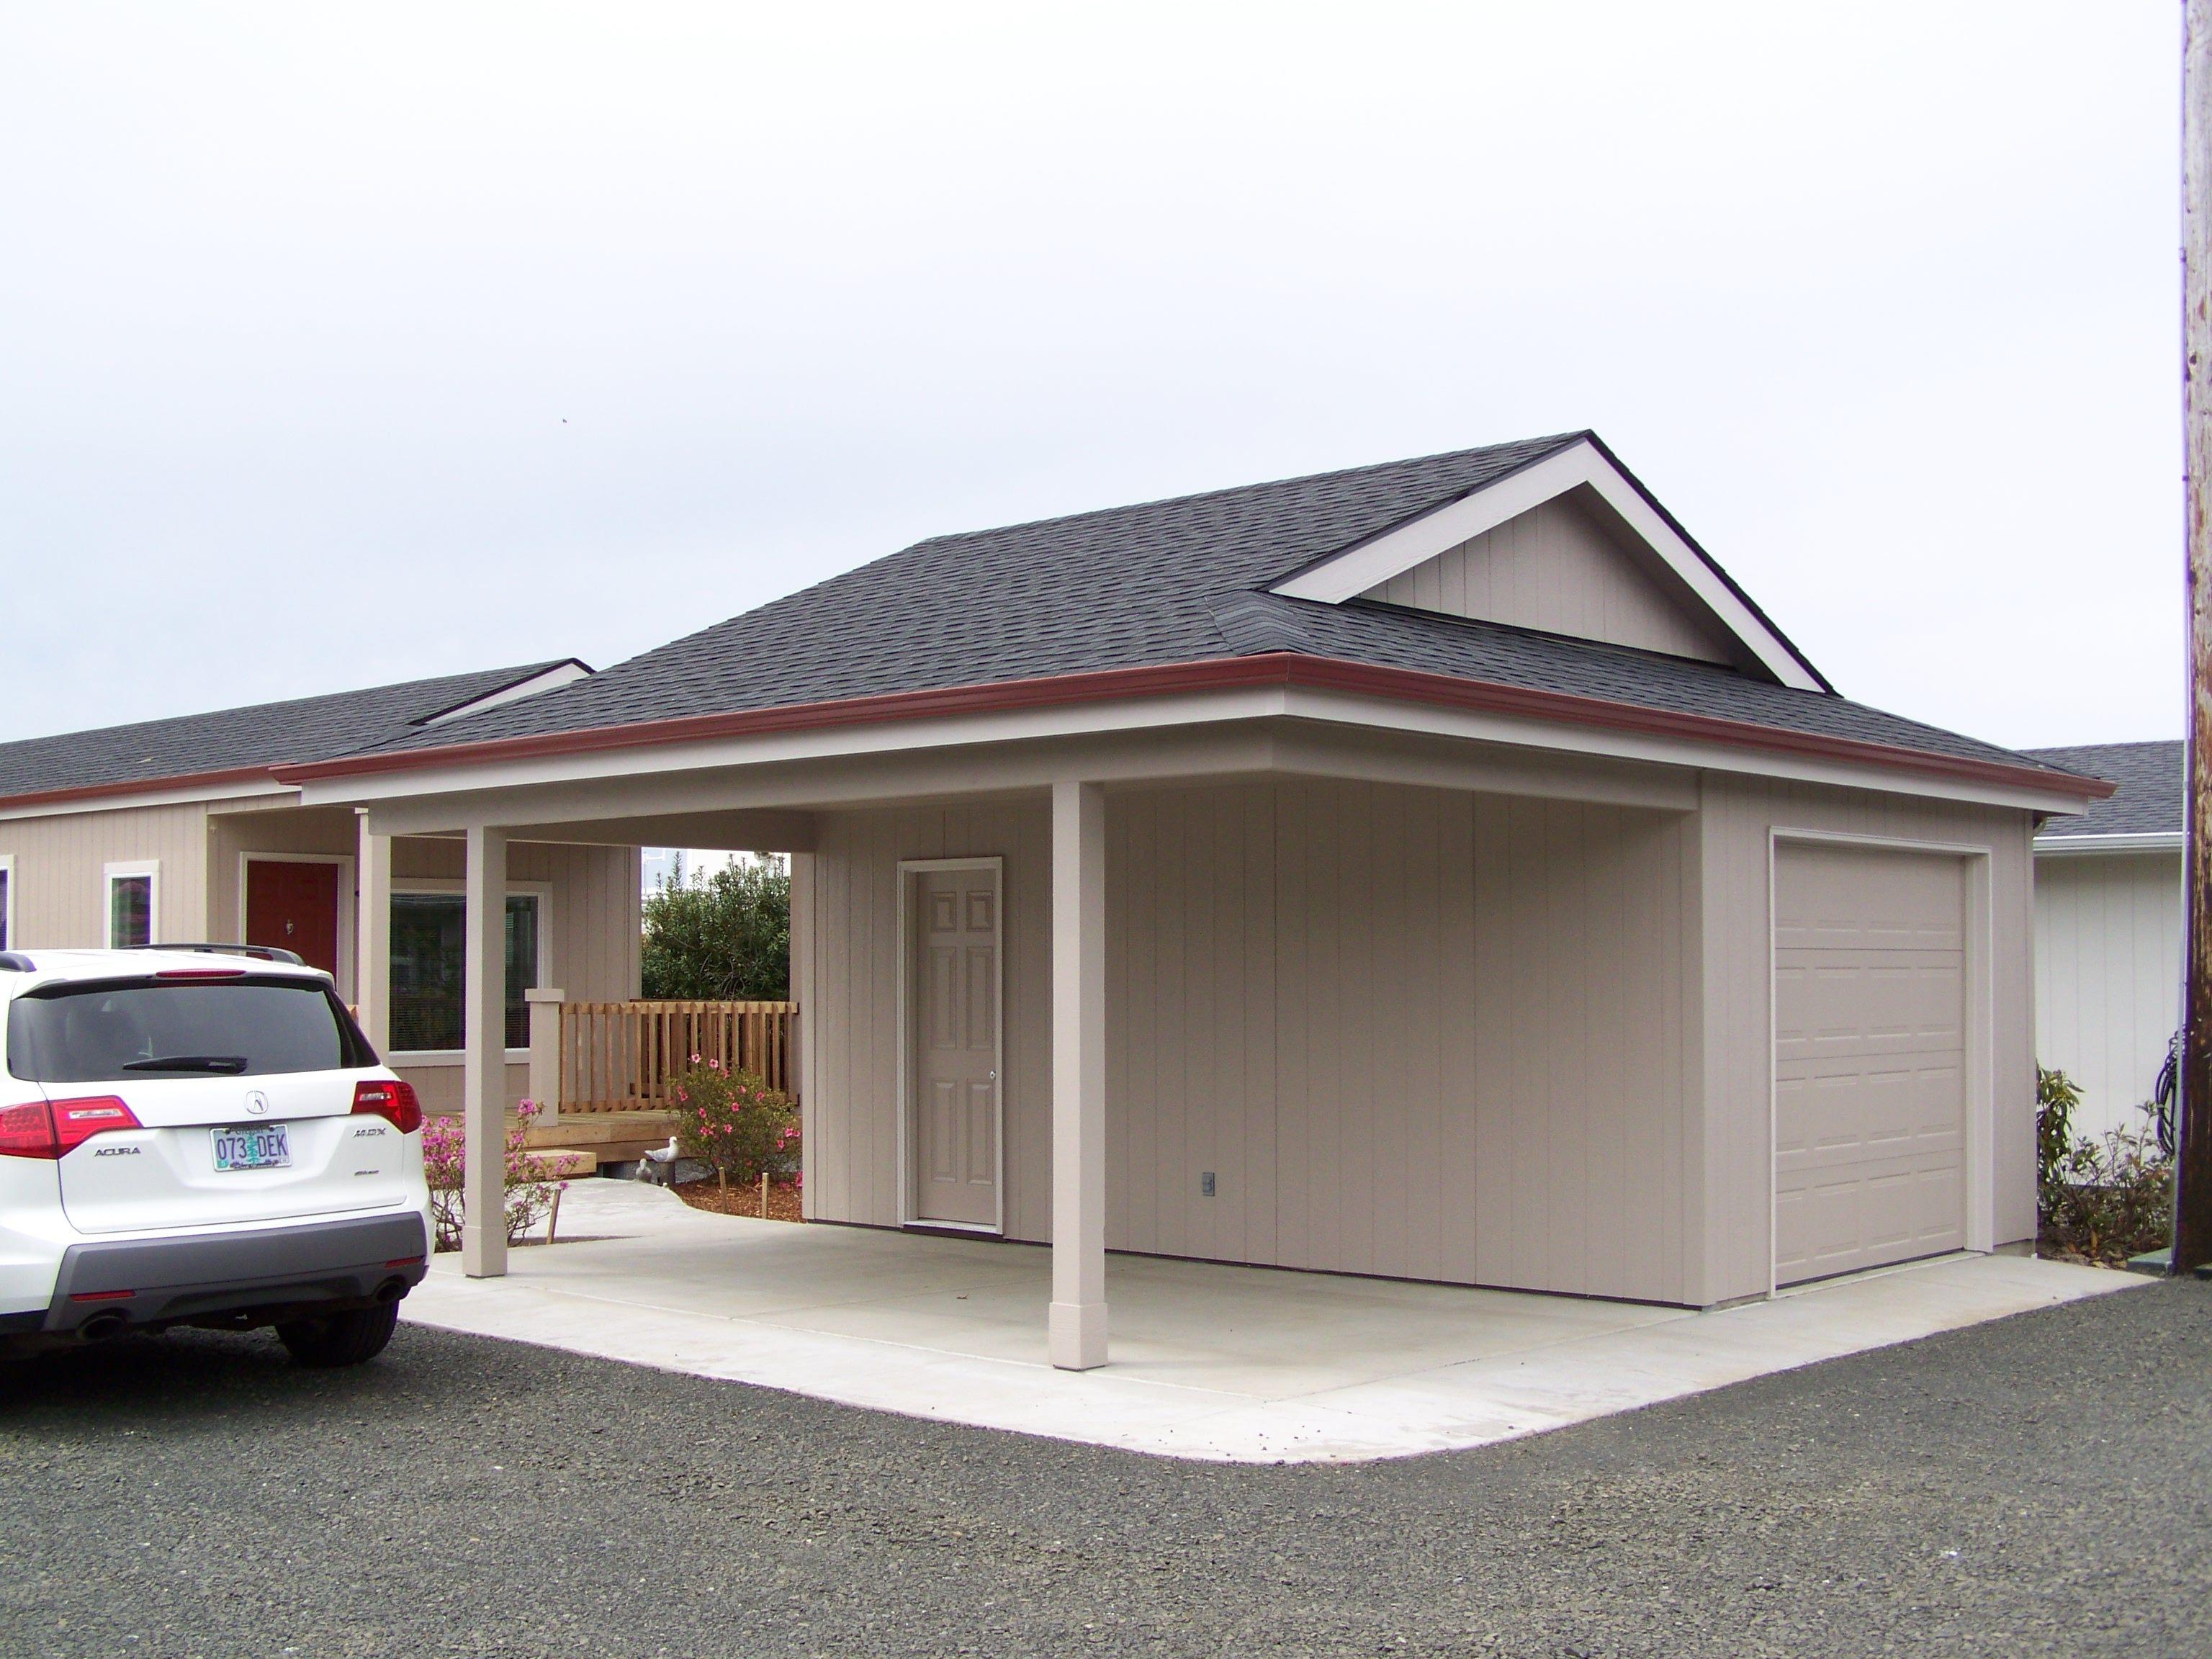 a garport half garage half carport get more. Black Bedroom Furniture Sets. Home Design Ideas